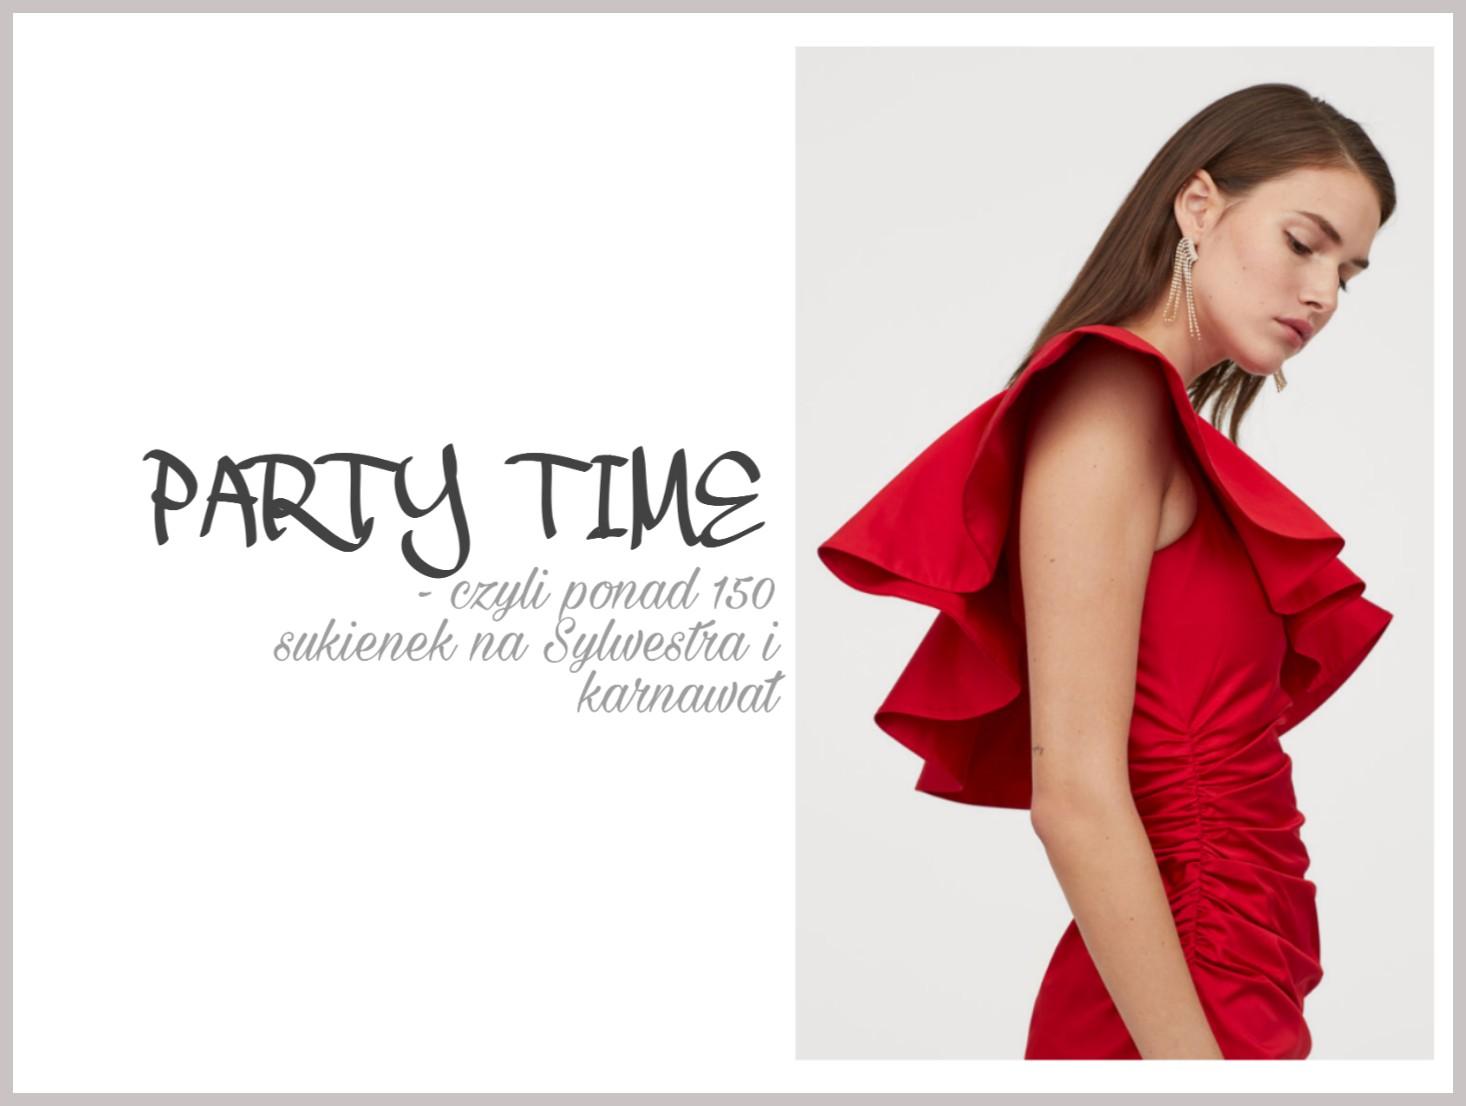 Party time czyli największy przegląd w sieci sukienek na Sylwestra i karnawał